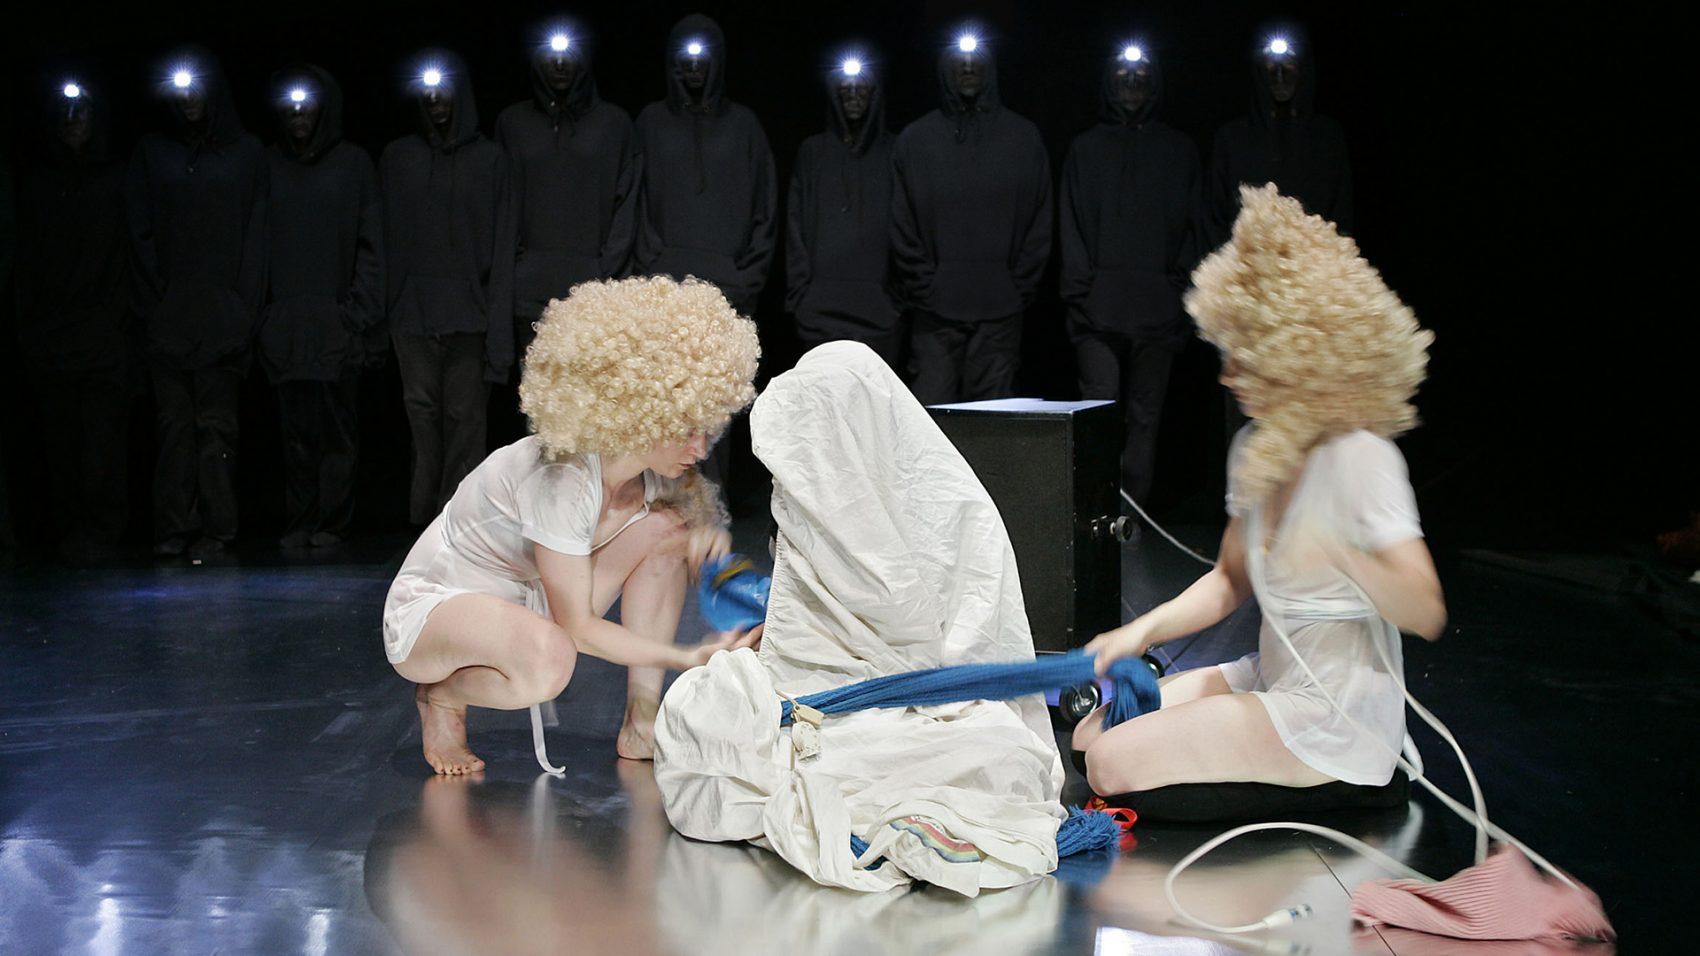 Nadia Lauro – Mhmmmm - Mhmmmm 2005